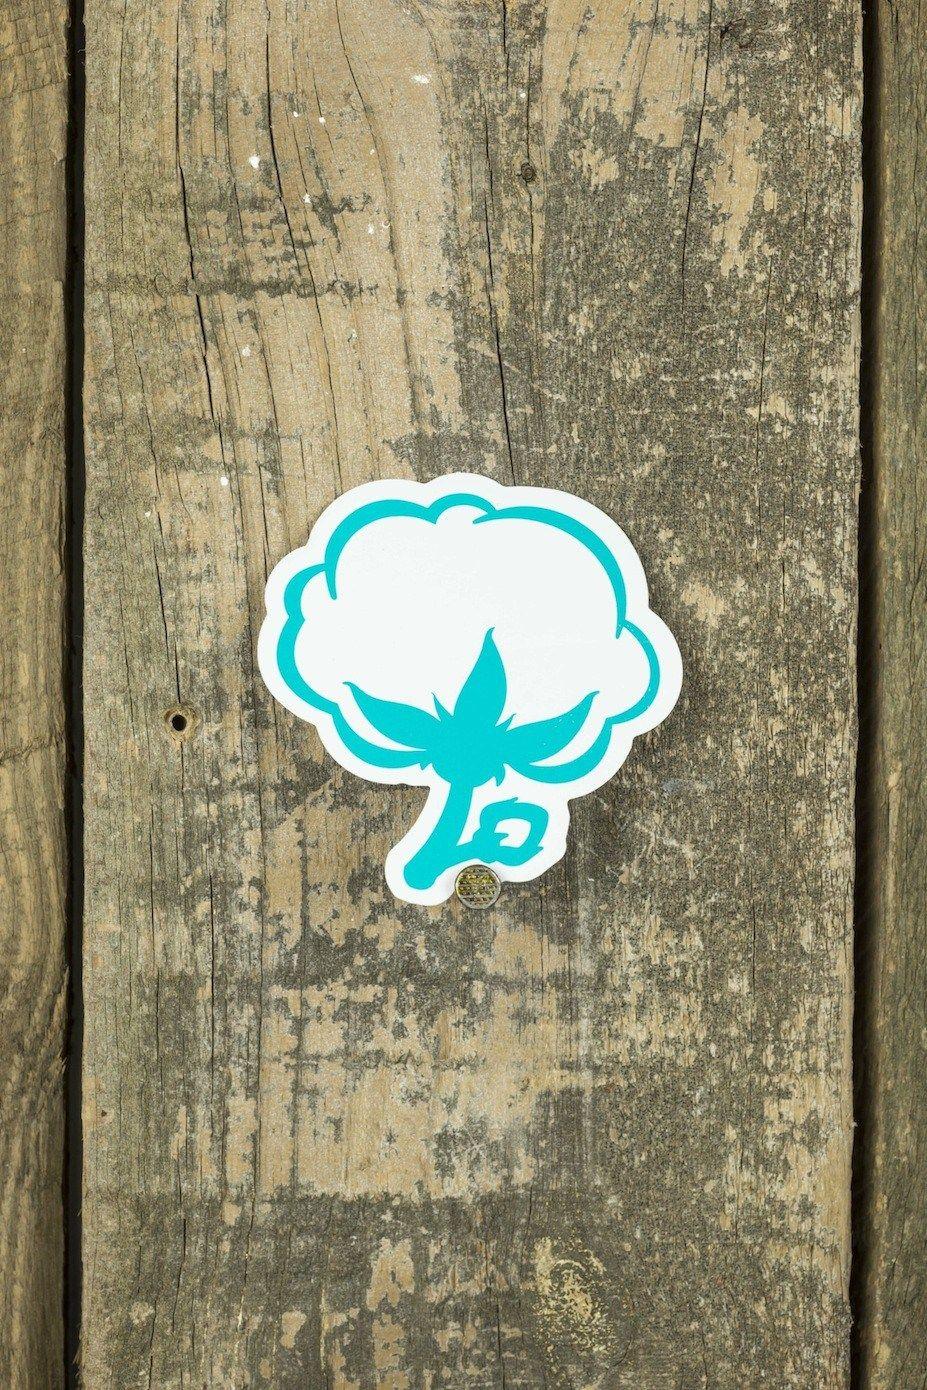 free preppy stickers | Trends By Jess | ect. | Free preppy ...